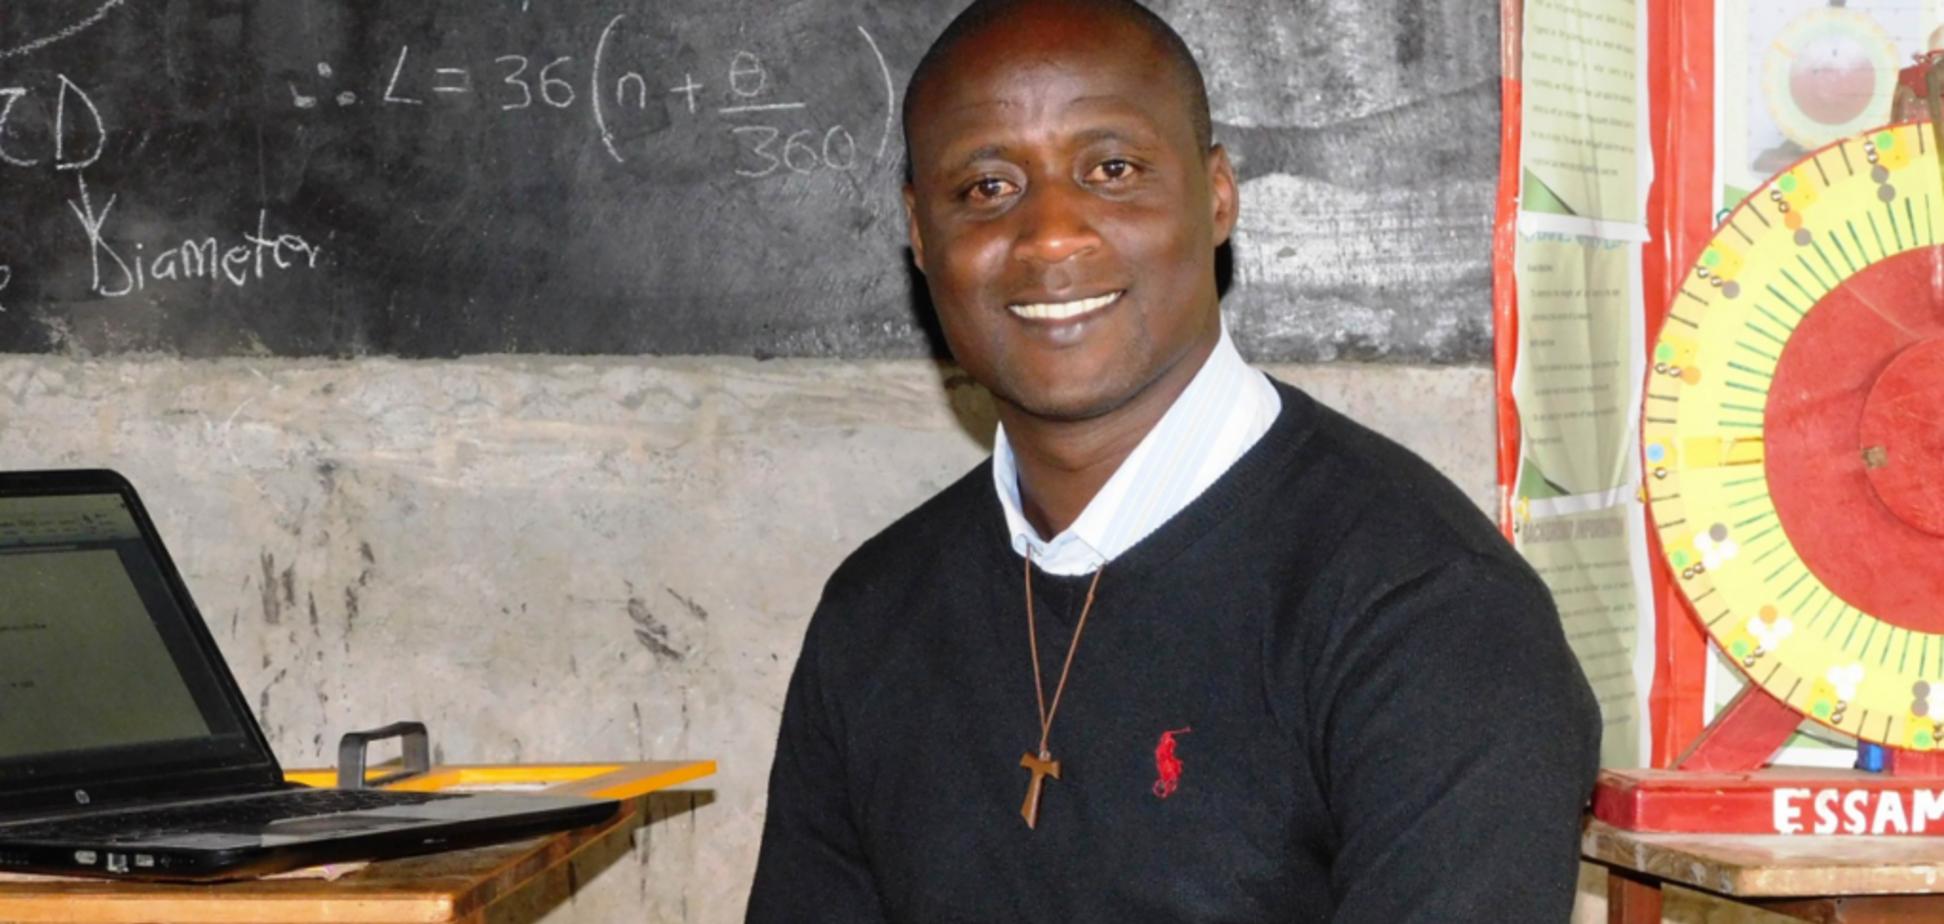 'Отдаю 80% прибыли ученикам': лучший преподаватель мира растрогал историей жизни